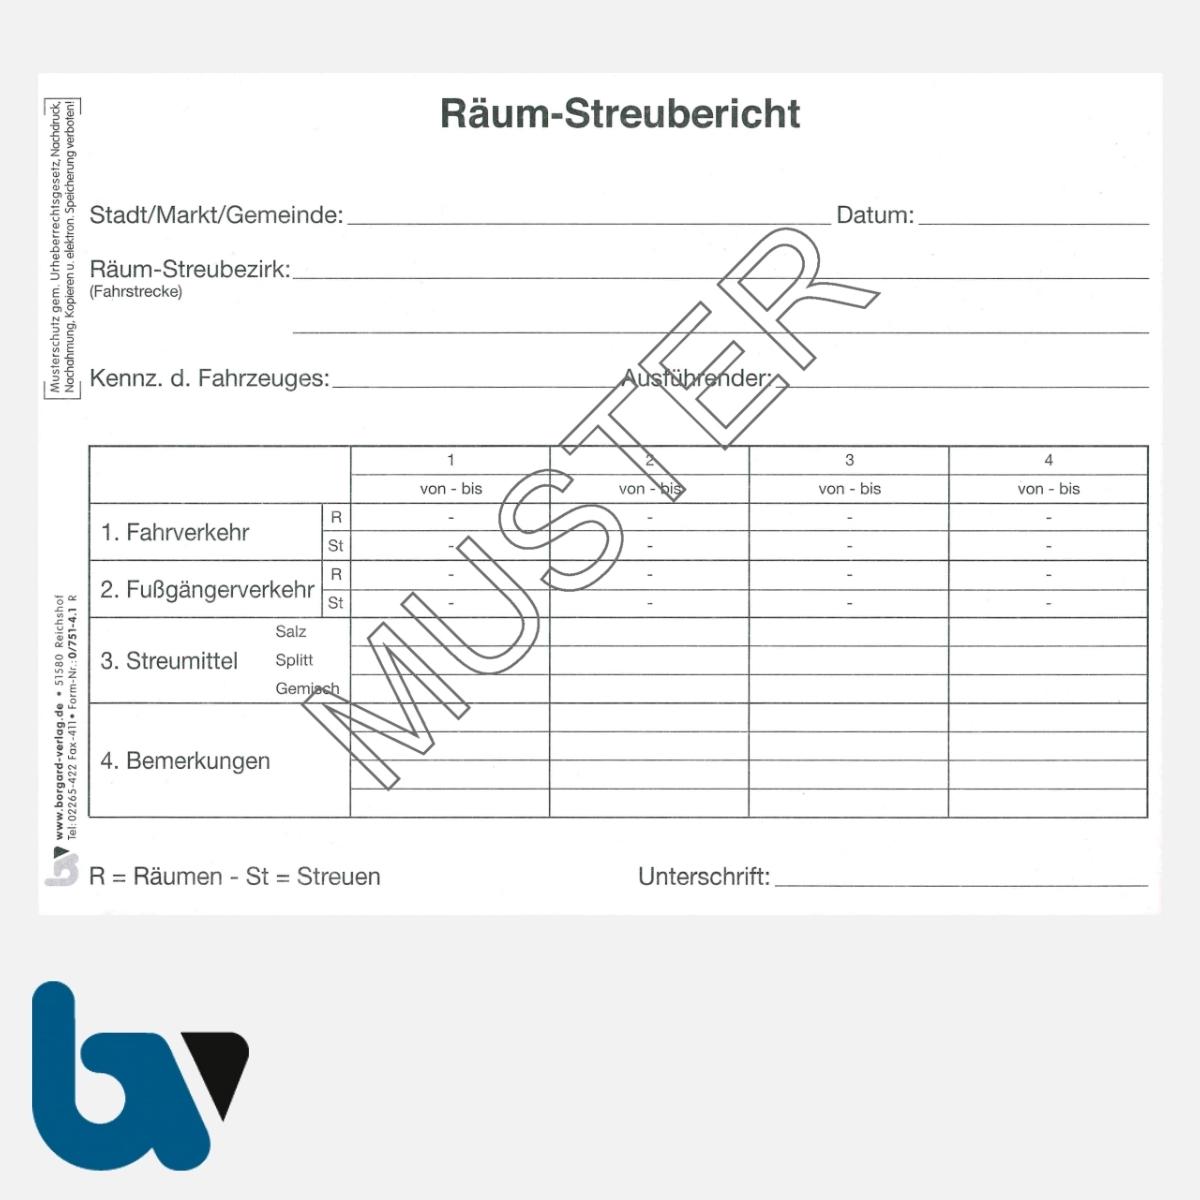 0/751-4.1 Räumbericht Streubericht Bezirk selbstdurchschreibend DIN A5 Seite 1 | Borgard Verlag GmbH